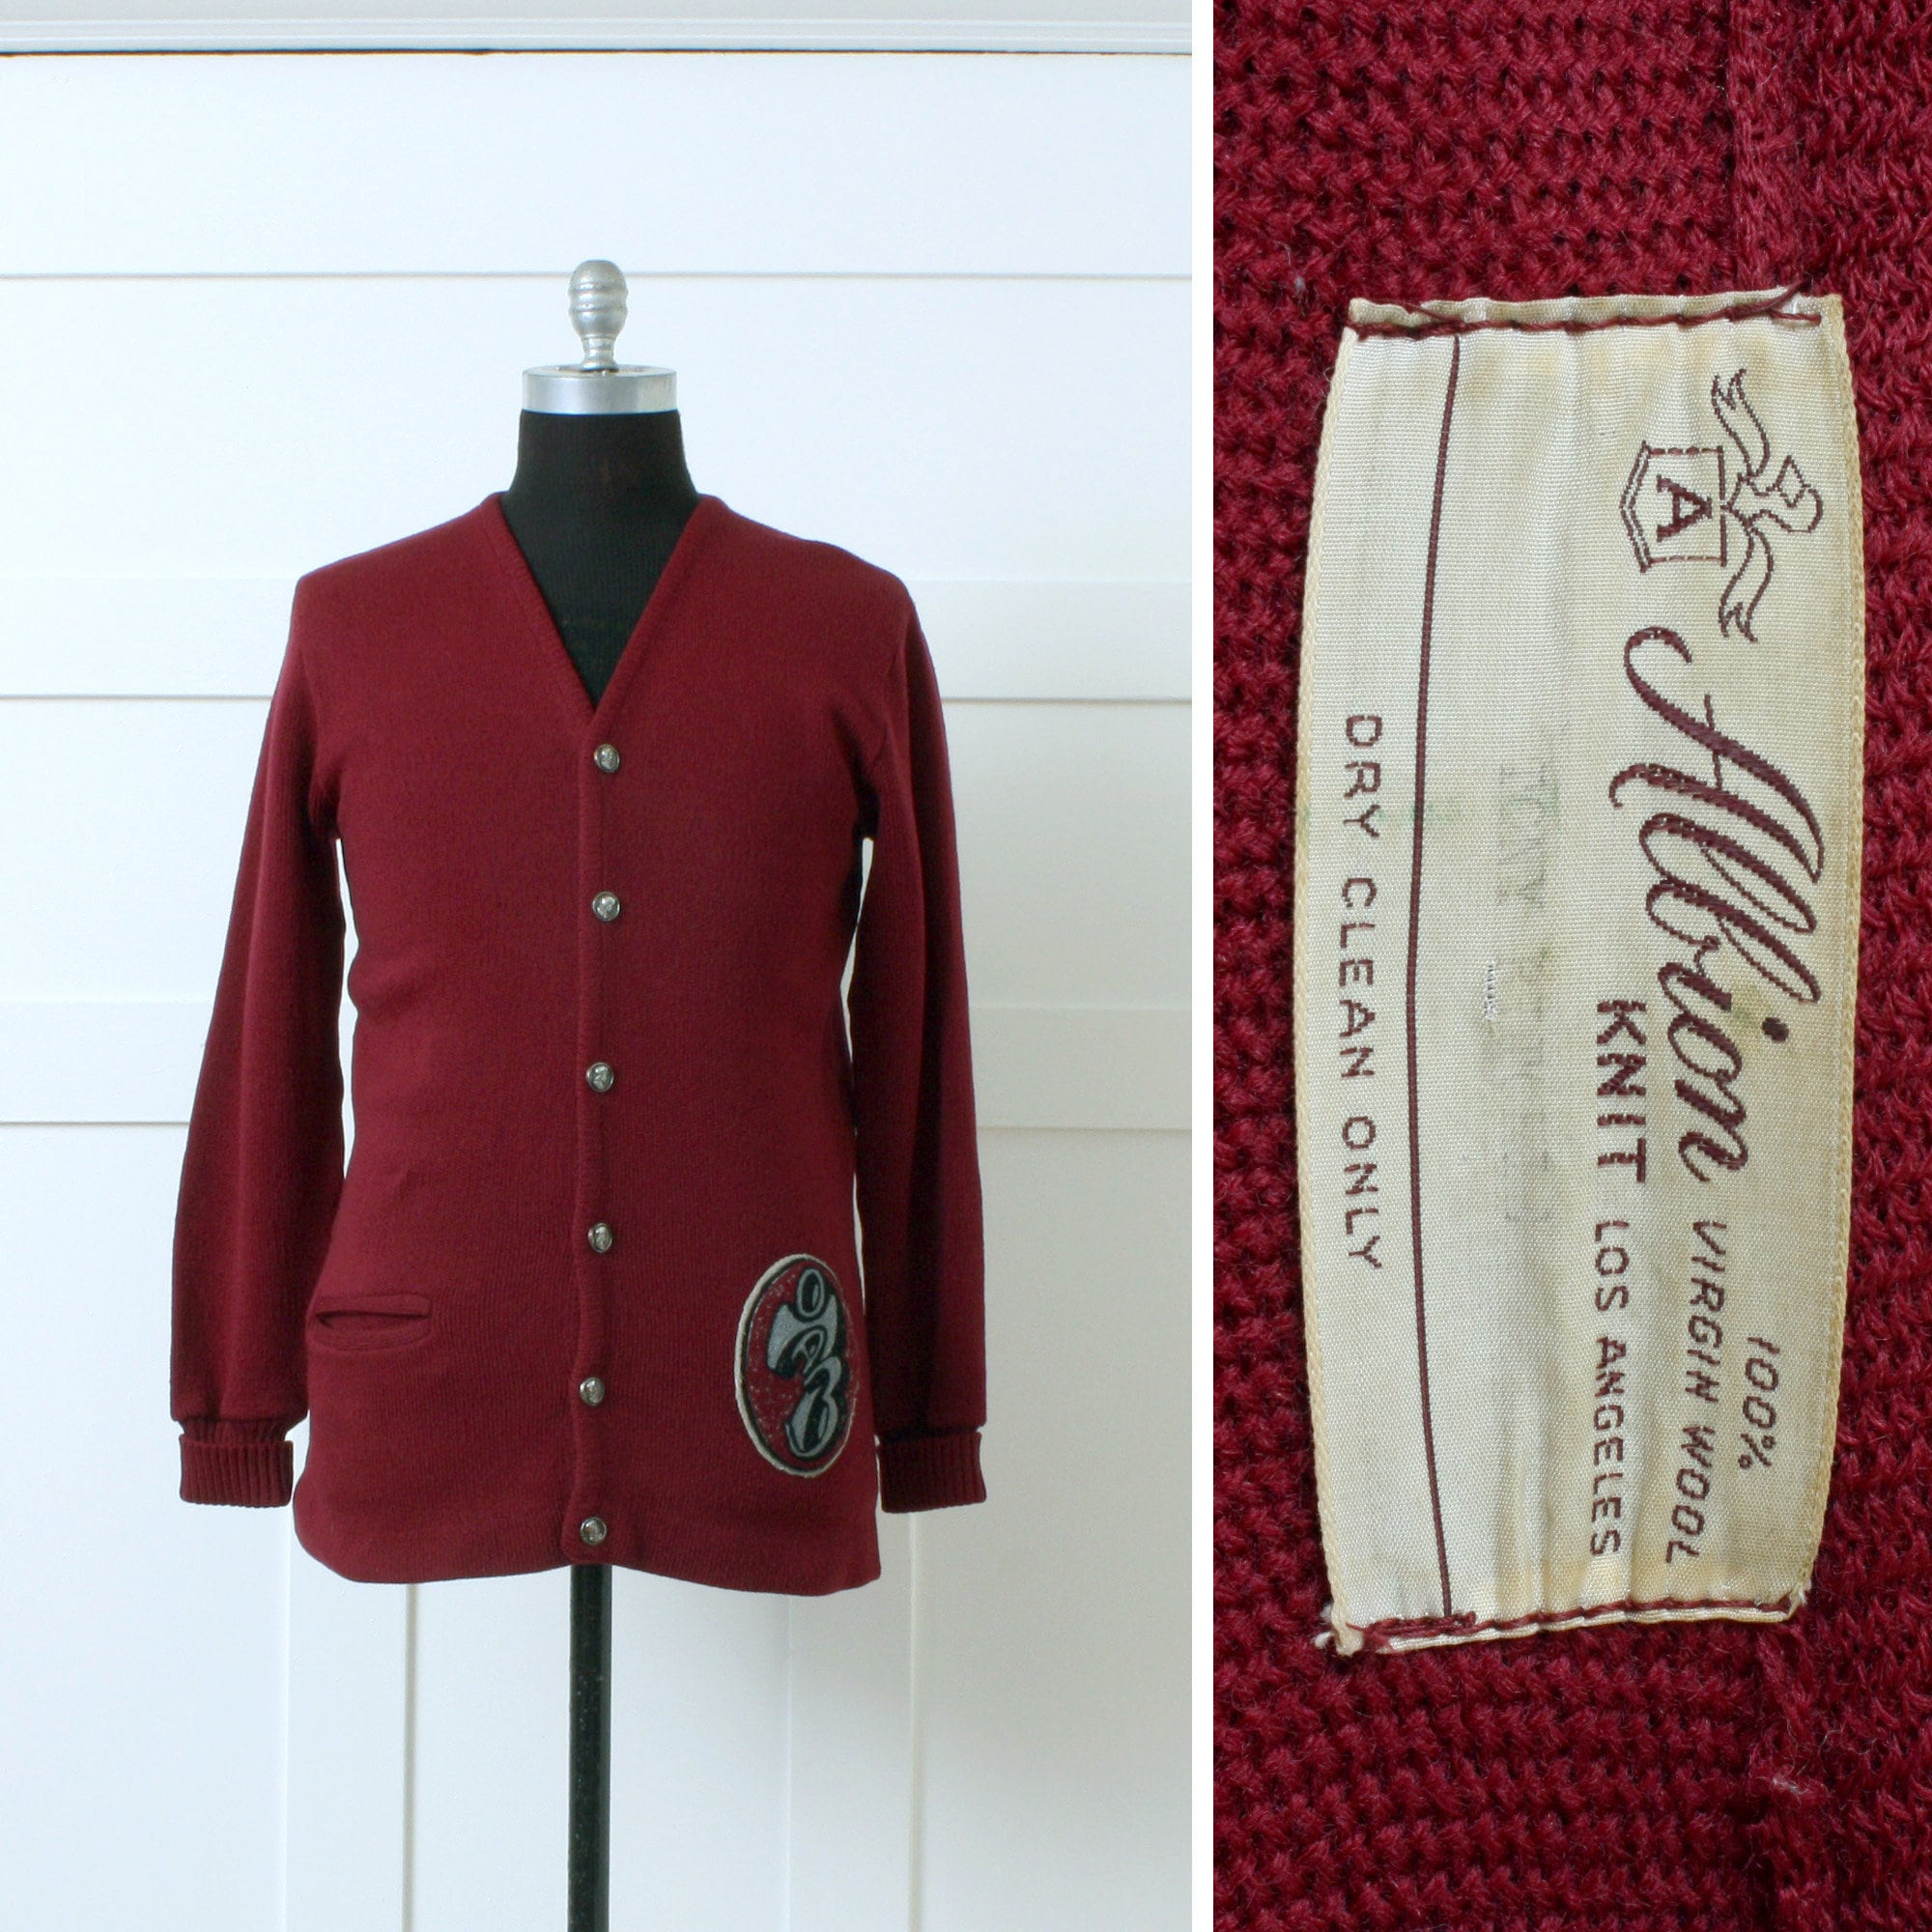 1940s Mens Ties | Wide Ties & Painted Ties Mens Vintage Letterman Sweater  1970S Albion Knit School Cardigan in Burgundy Red Wool $33.00 AT vintagedancer.com